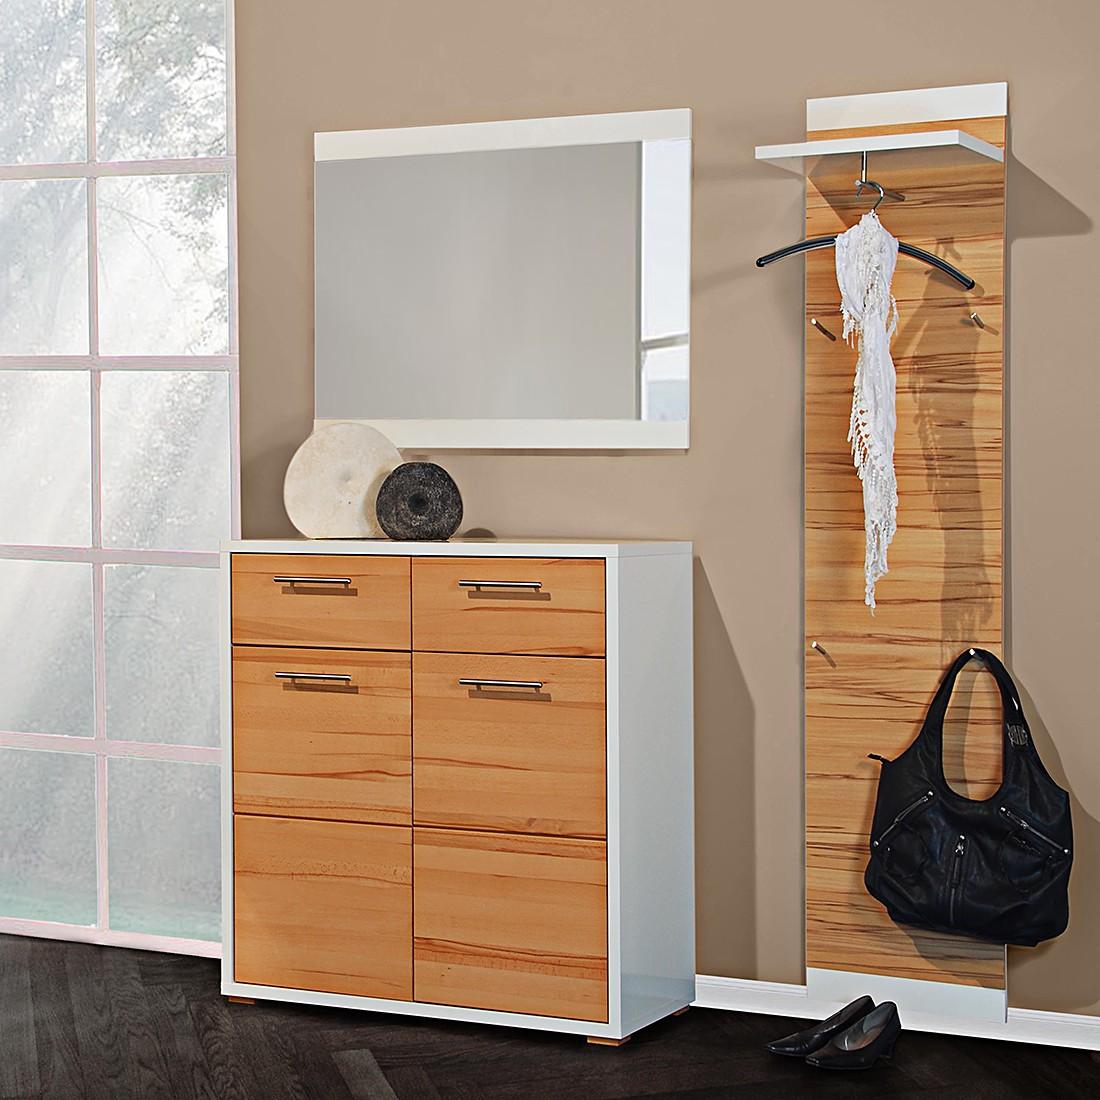 garderobenset riva 1 kernbuche teilmassiv hochglanz wei jung s hne jetzt bestellen. Black Bedroom Furniture Sets. Home Design Ideas